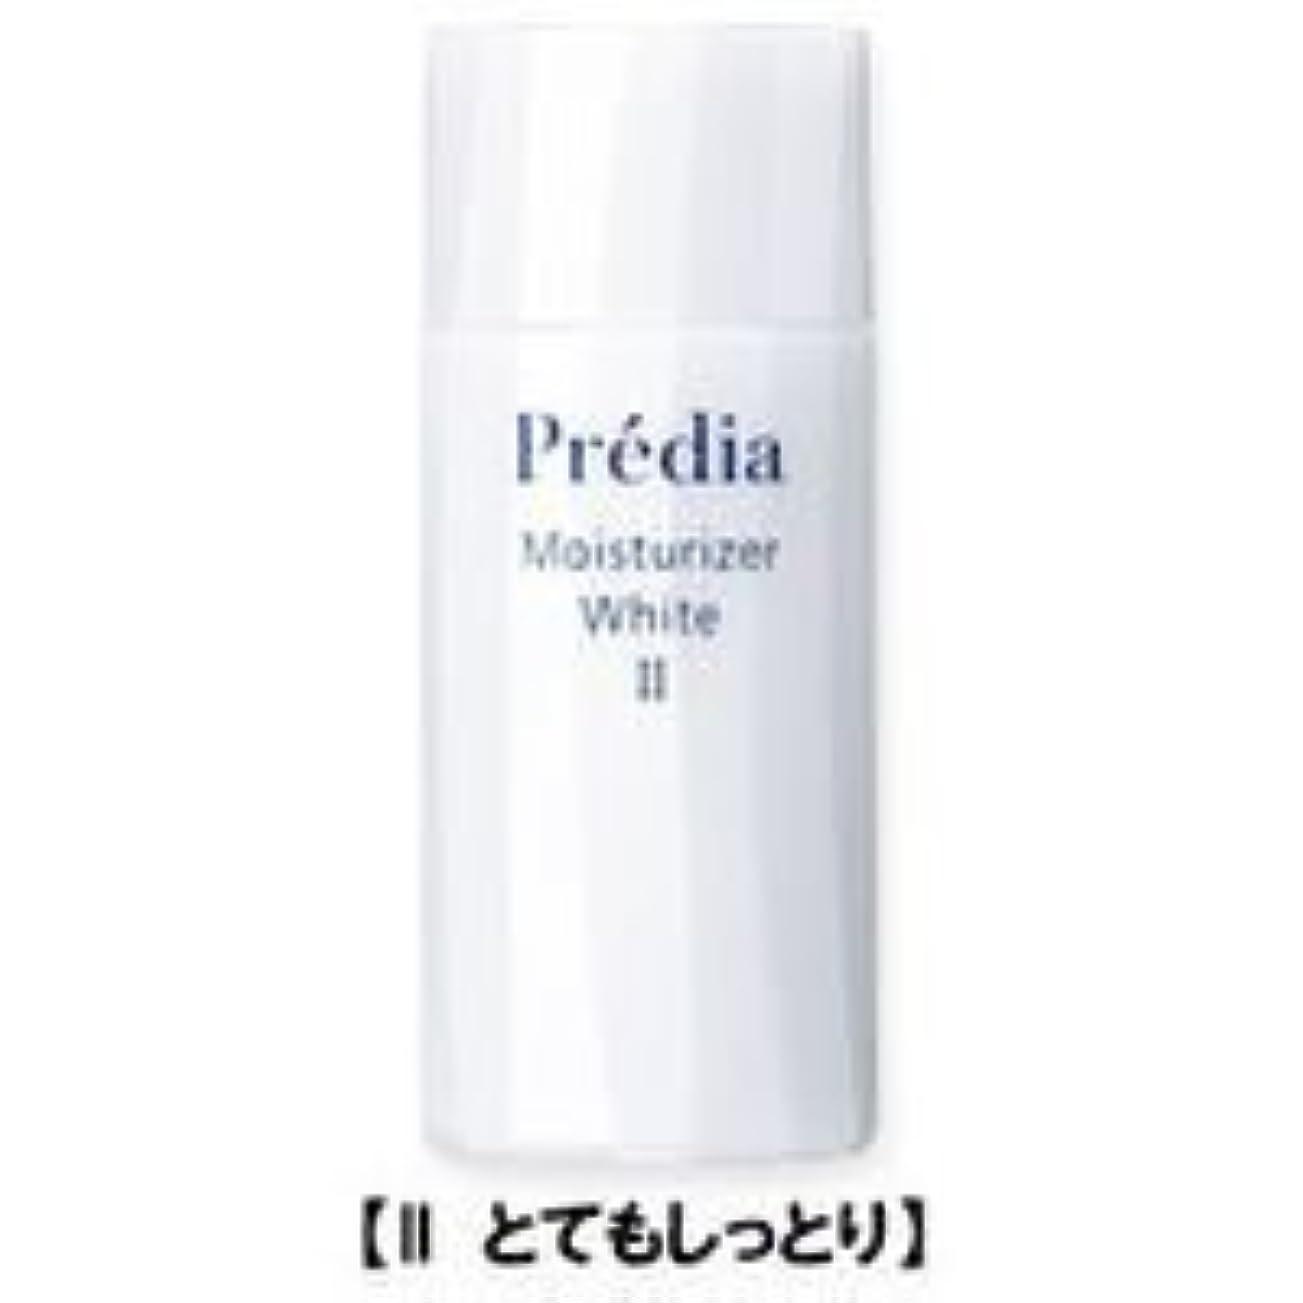 引き出し洗剤ティームコーセー プレディア モイスチュアライザー ホワイト II とてもしっとり 120ml 乳液